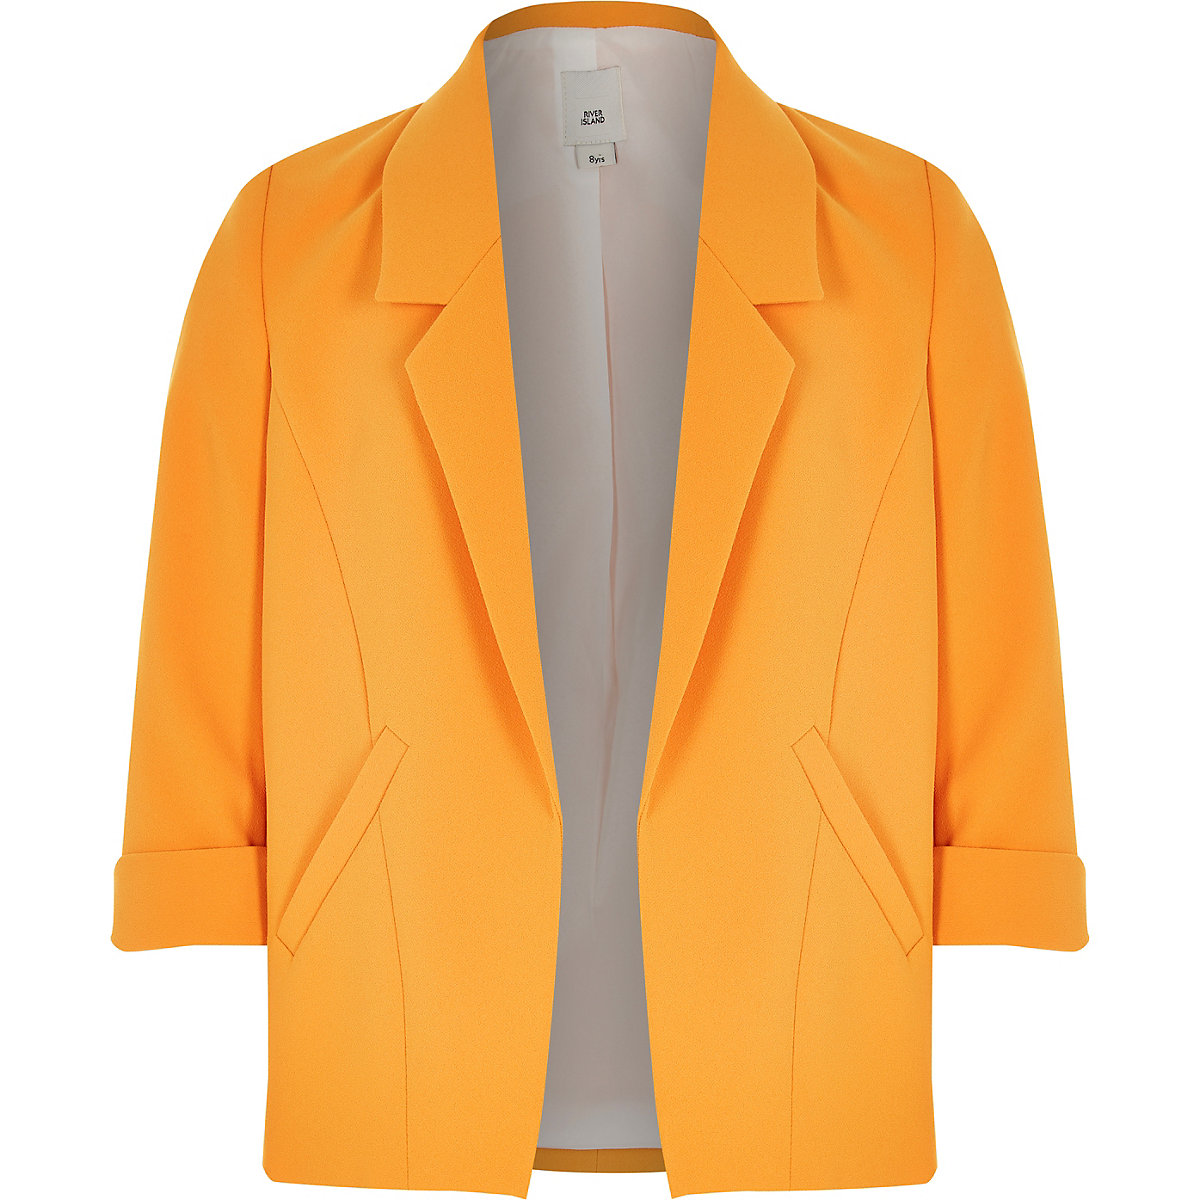 Girls yellow blazer